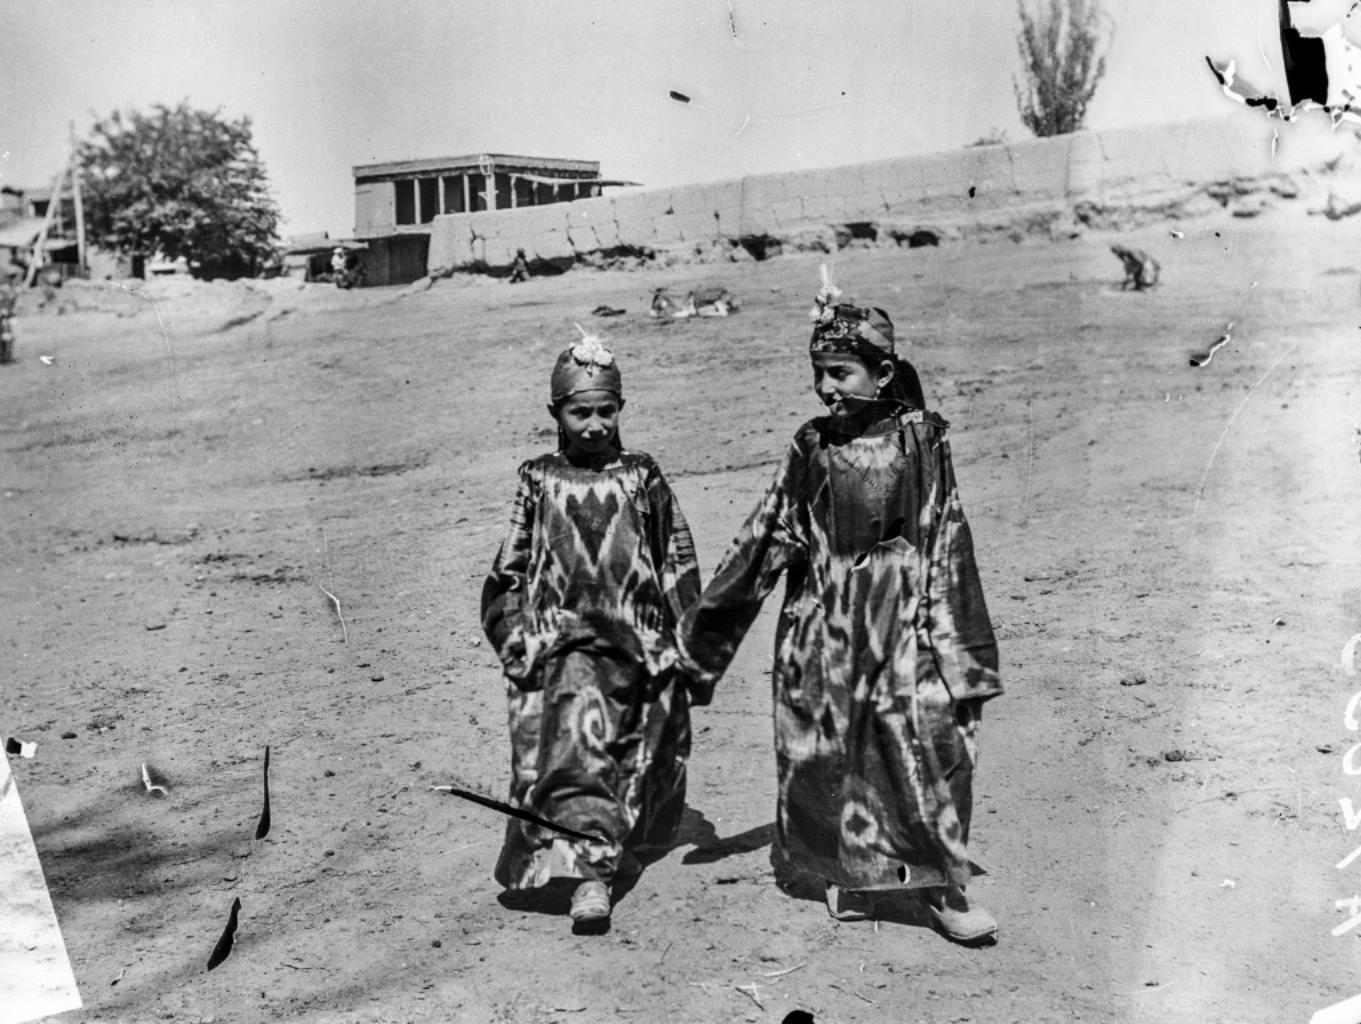 Окрестности Самарканда. Еврейские девочки